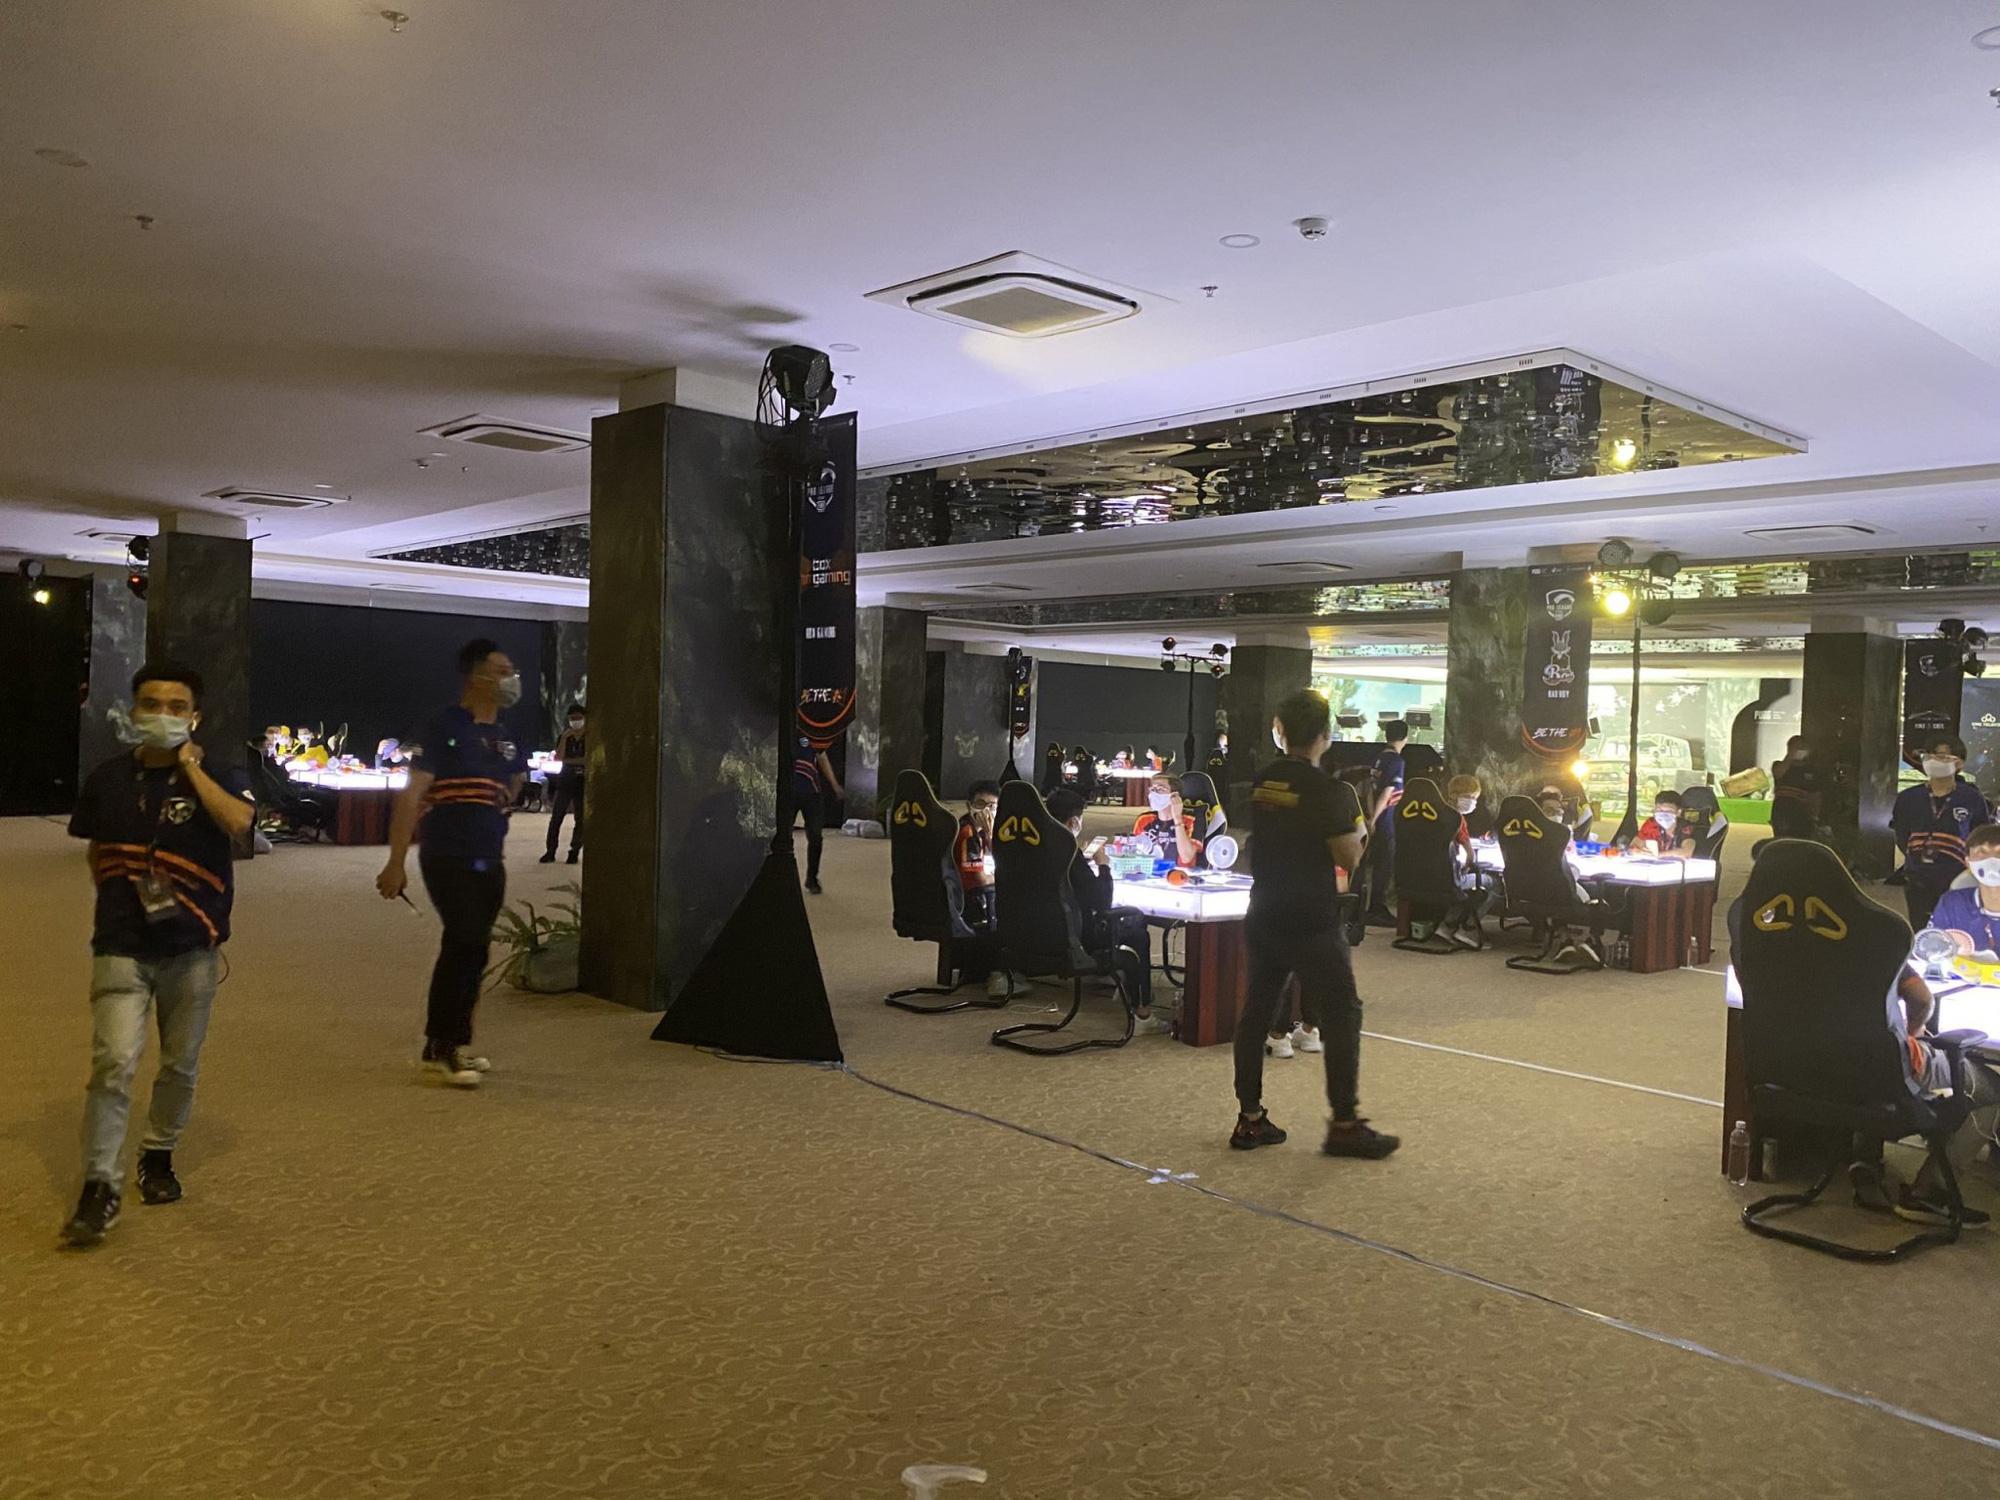 Để hơn 100 người tham gia giải game online bất chấp lệnh cấm, Cocobay Đà Nẵng bị phạt 15 triệu đồng-2